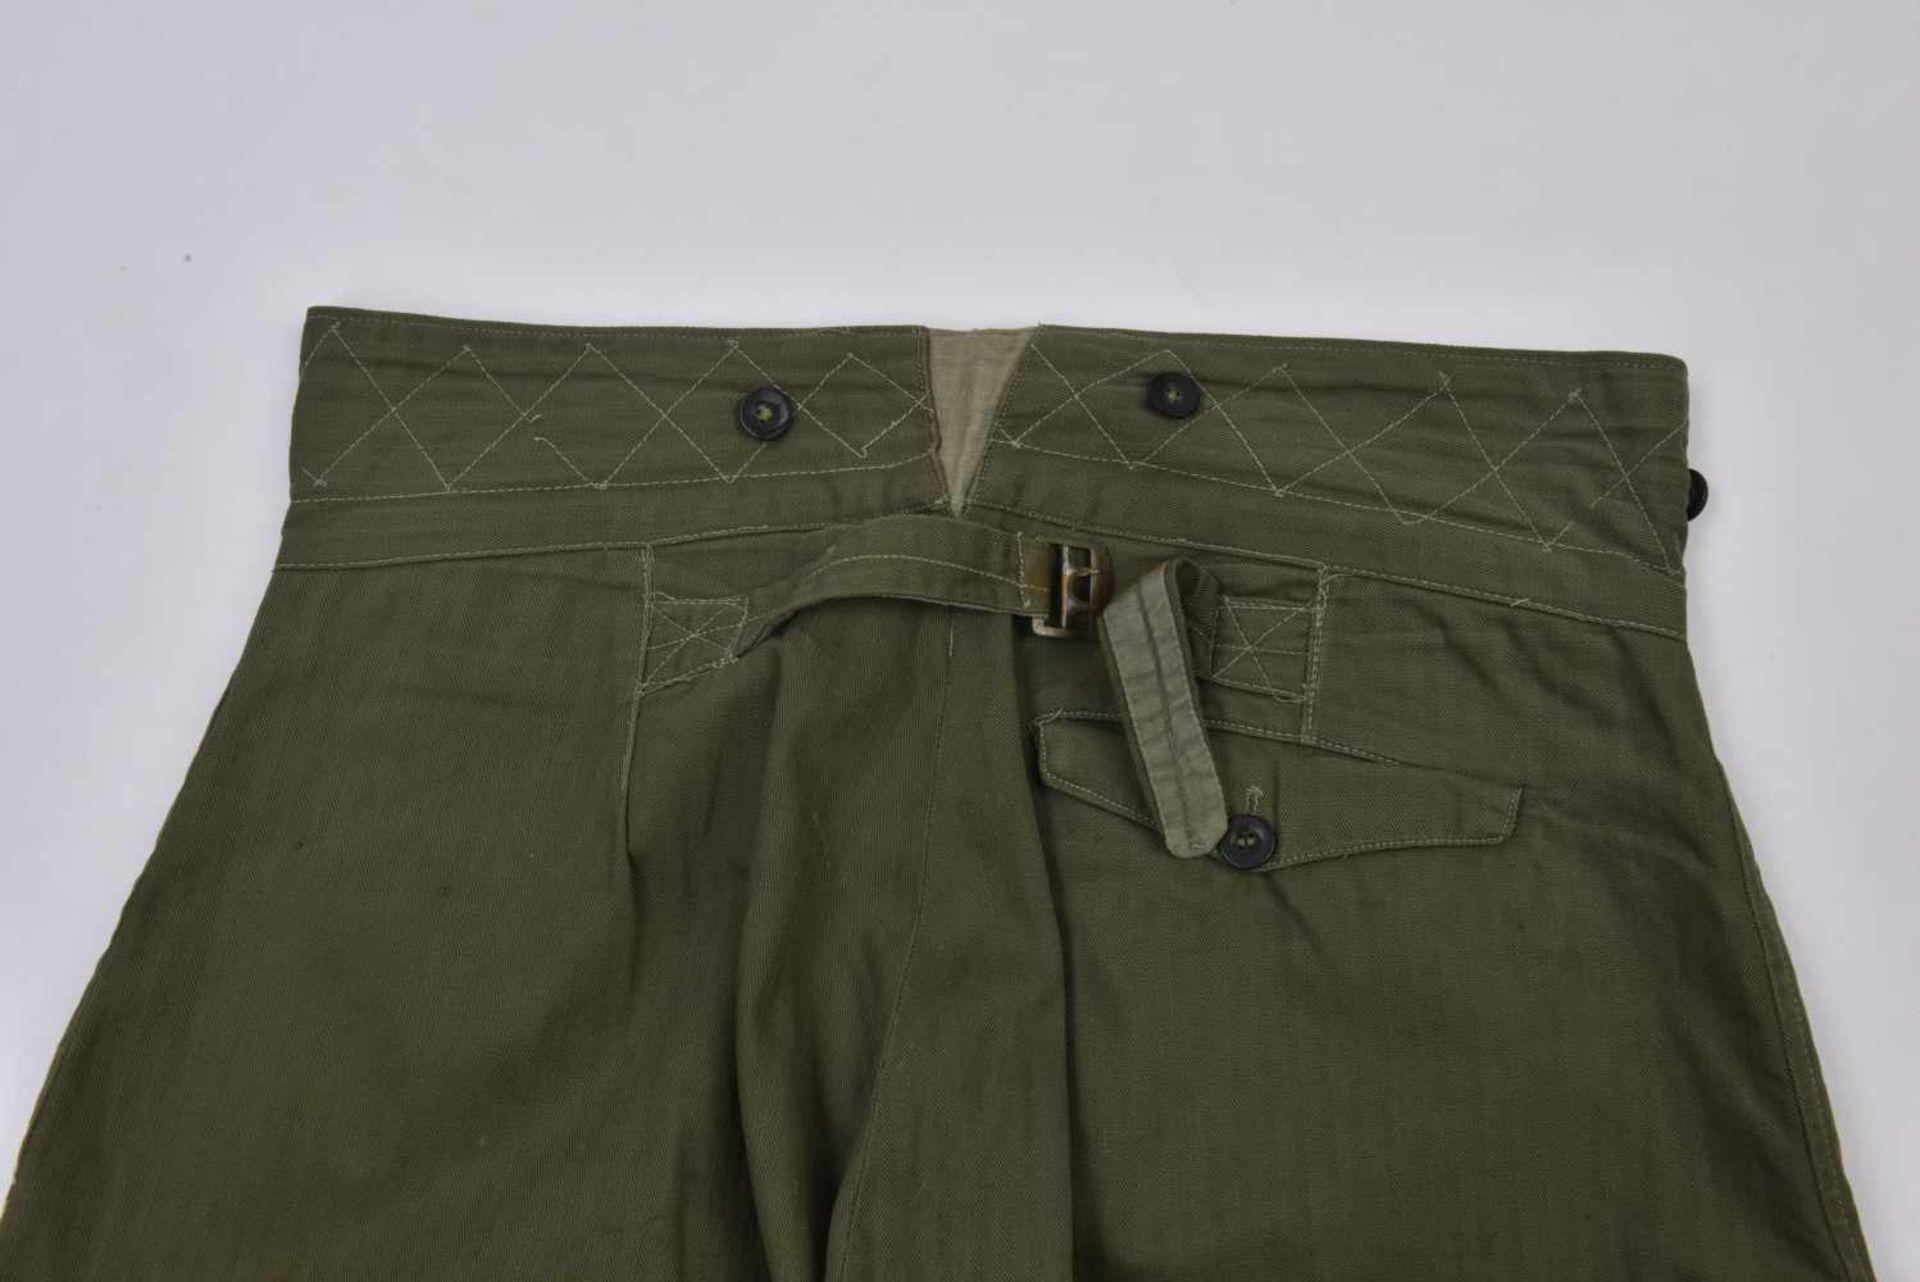 Culotte troupe M.35 en drap HBT exemplaire pratiquement neuf, RARE ! M.35 trousers in the HBT cloth. - Bild 3 aus 4